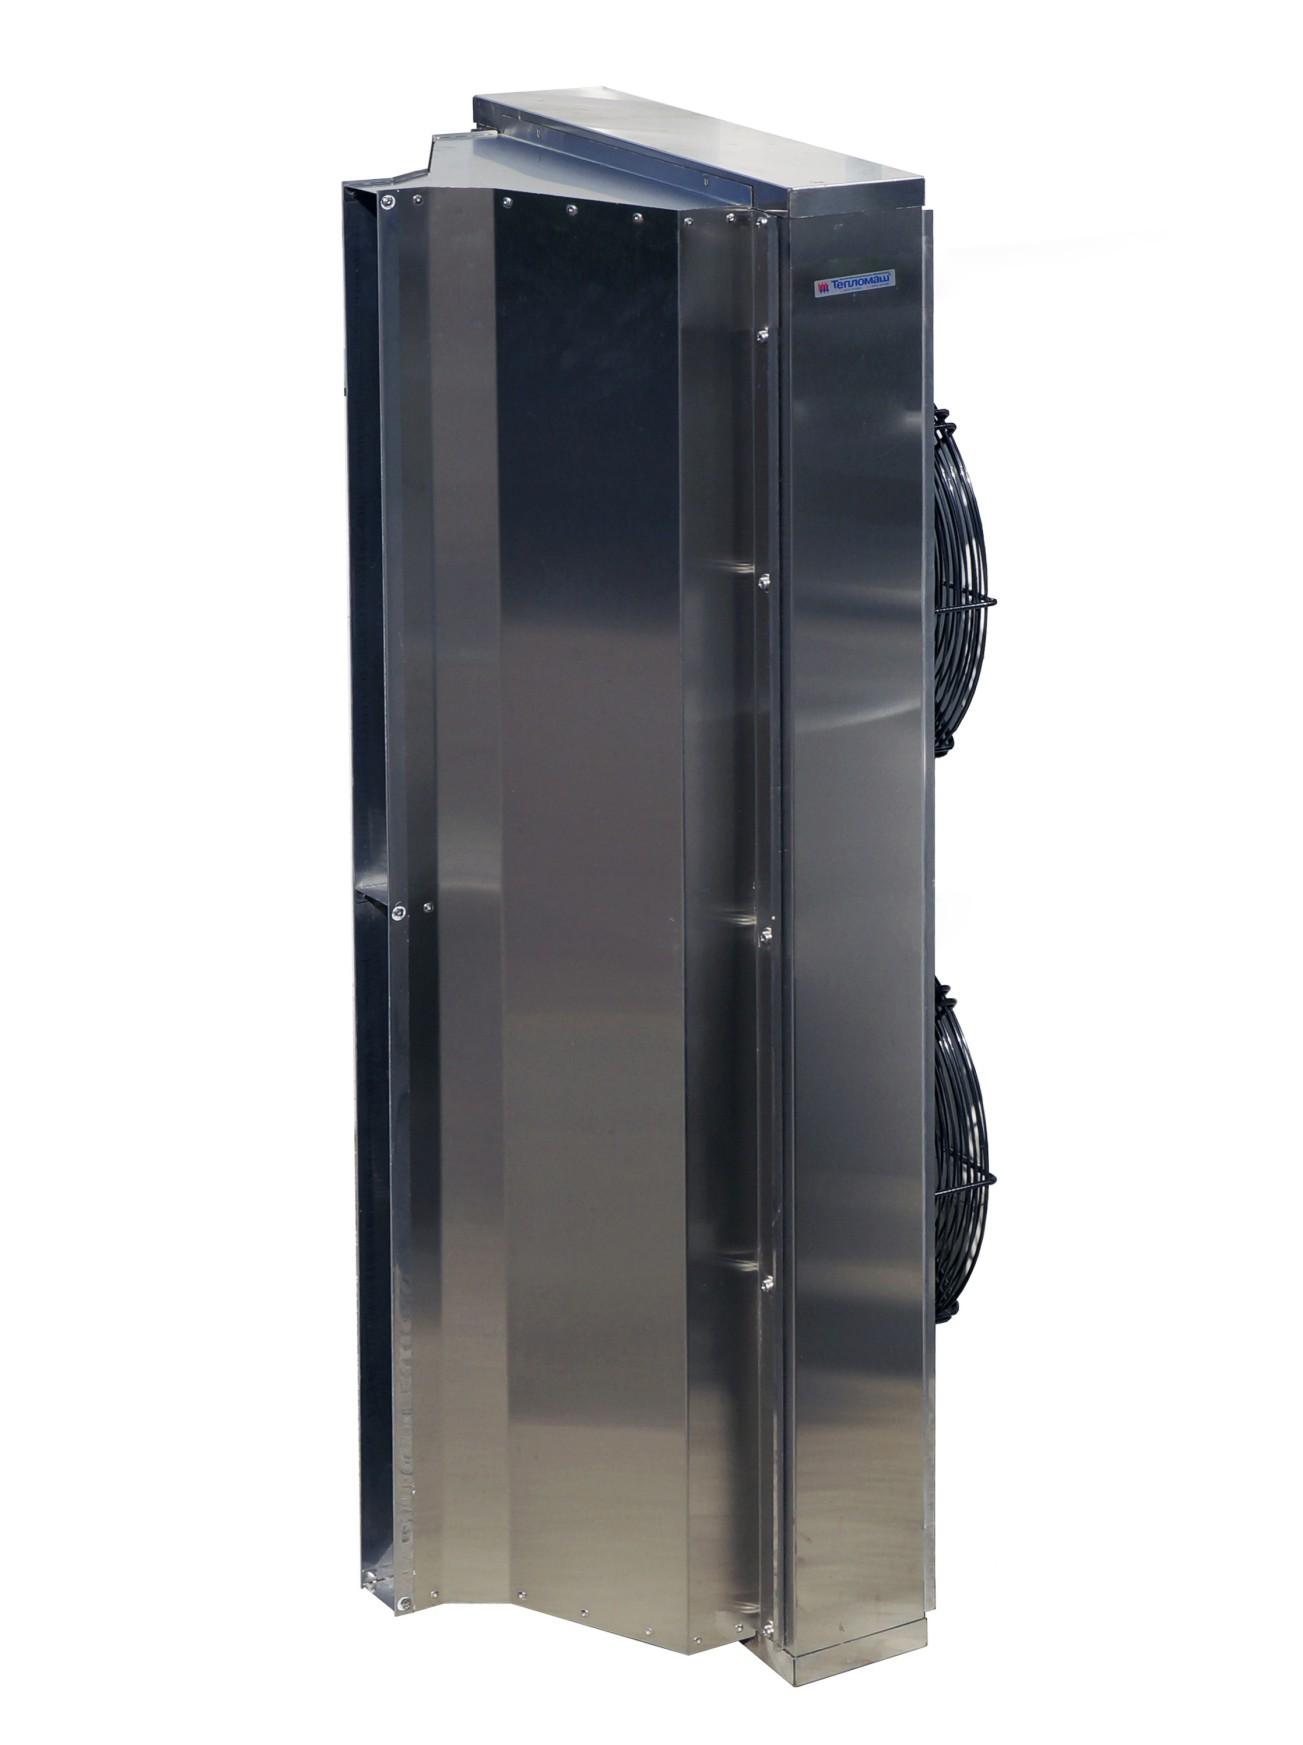 Тепловая завеса Тепломаш КЭВ-18П4050Е нерж. тепловая завеса тепломаш п7021a нерж